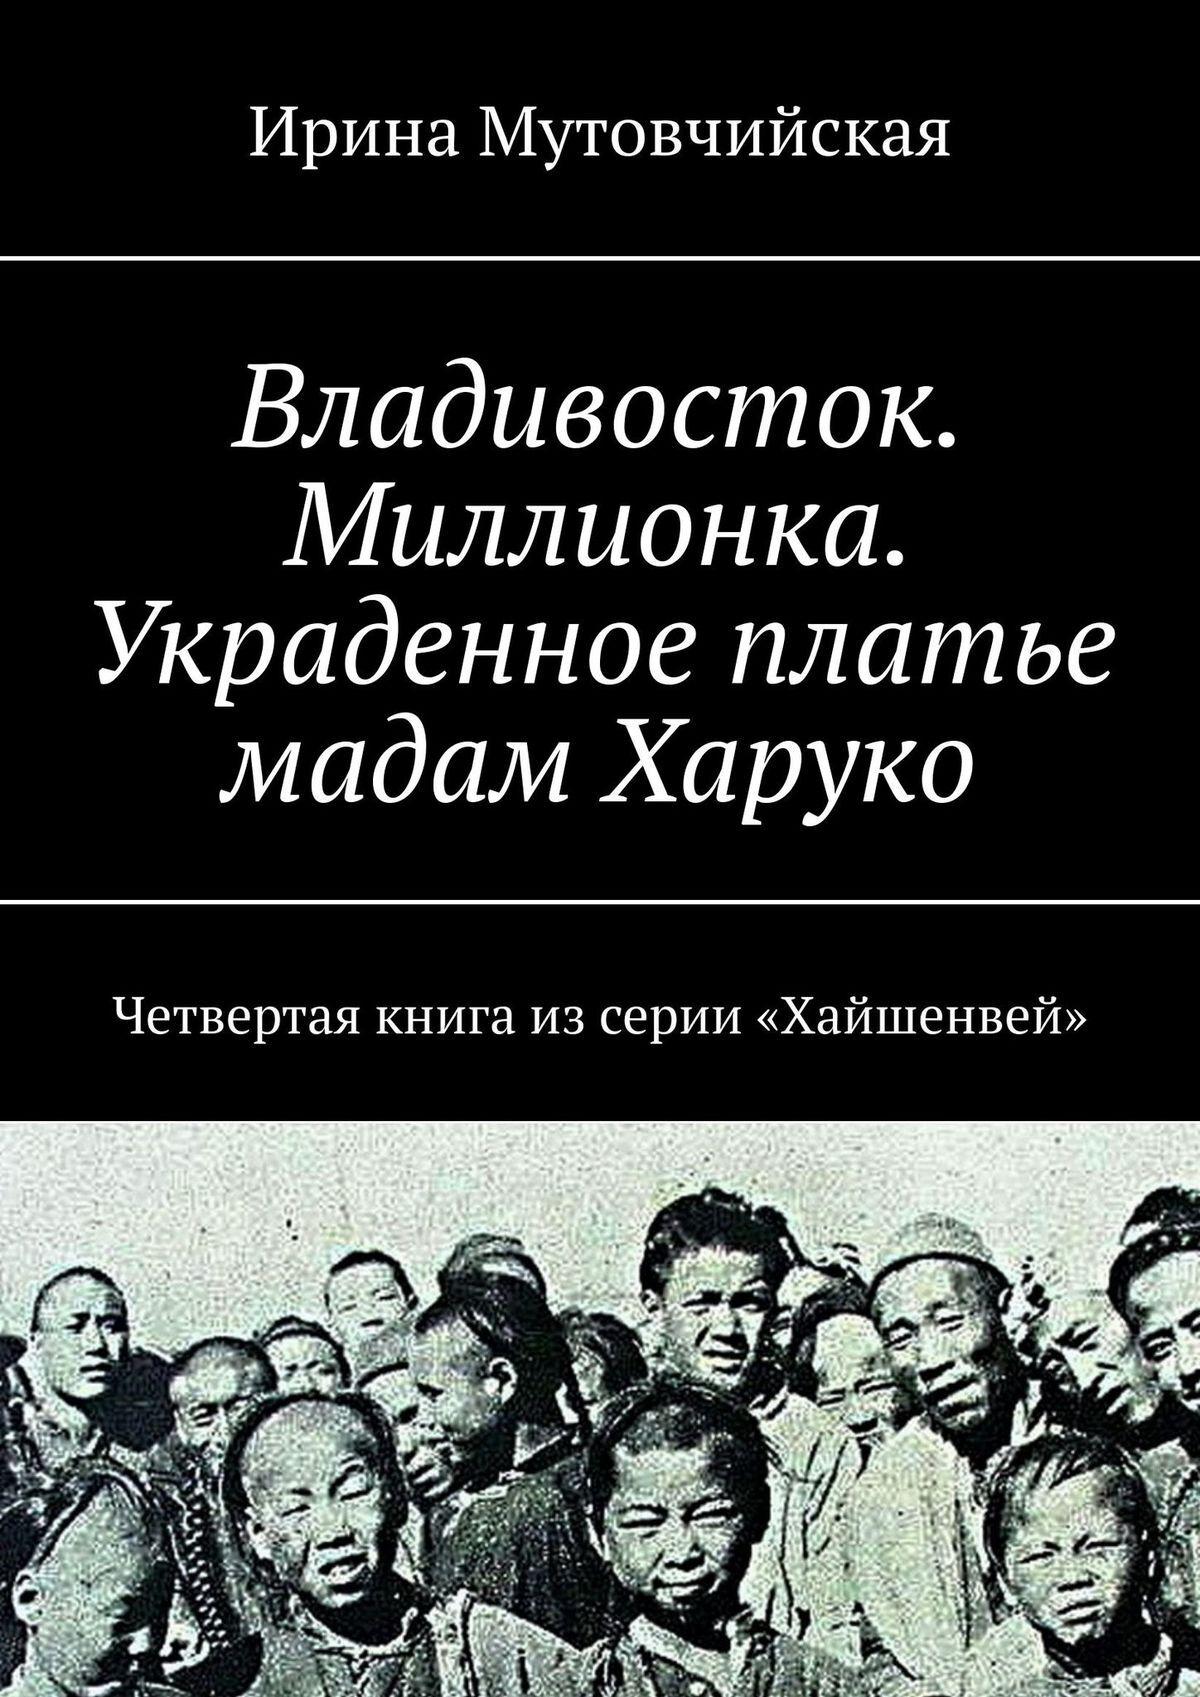 Ирина Мутовчийская Миллионка. Си. Четвертая книга из серии «Хайшенвей»